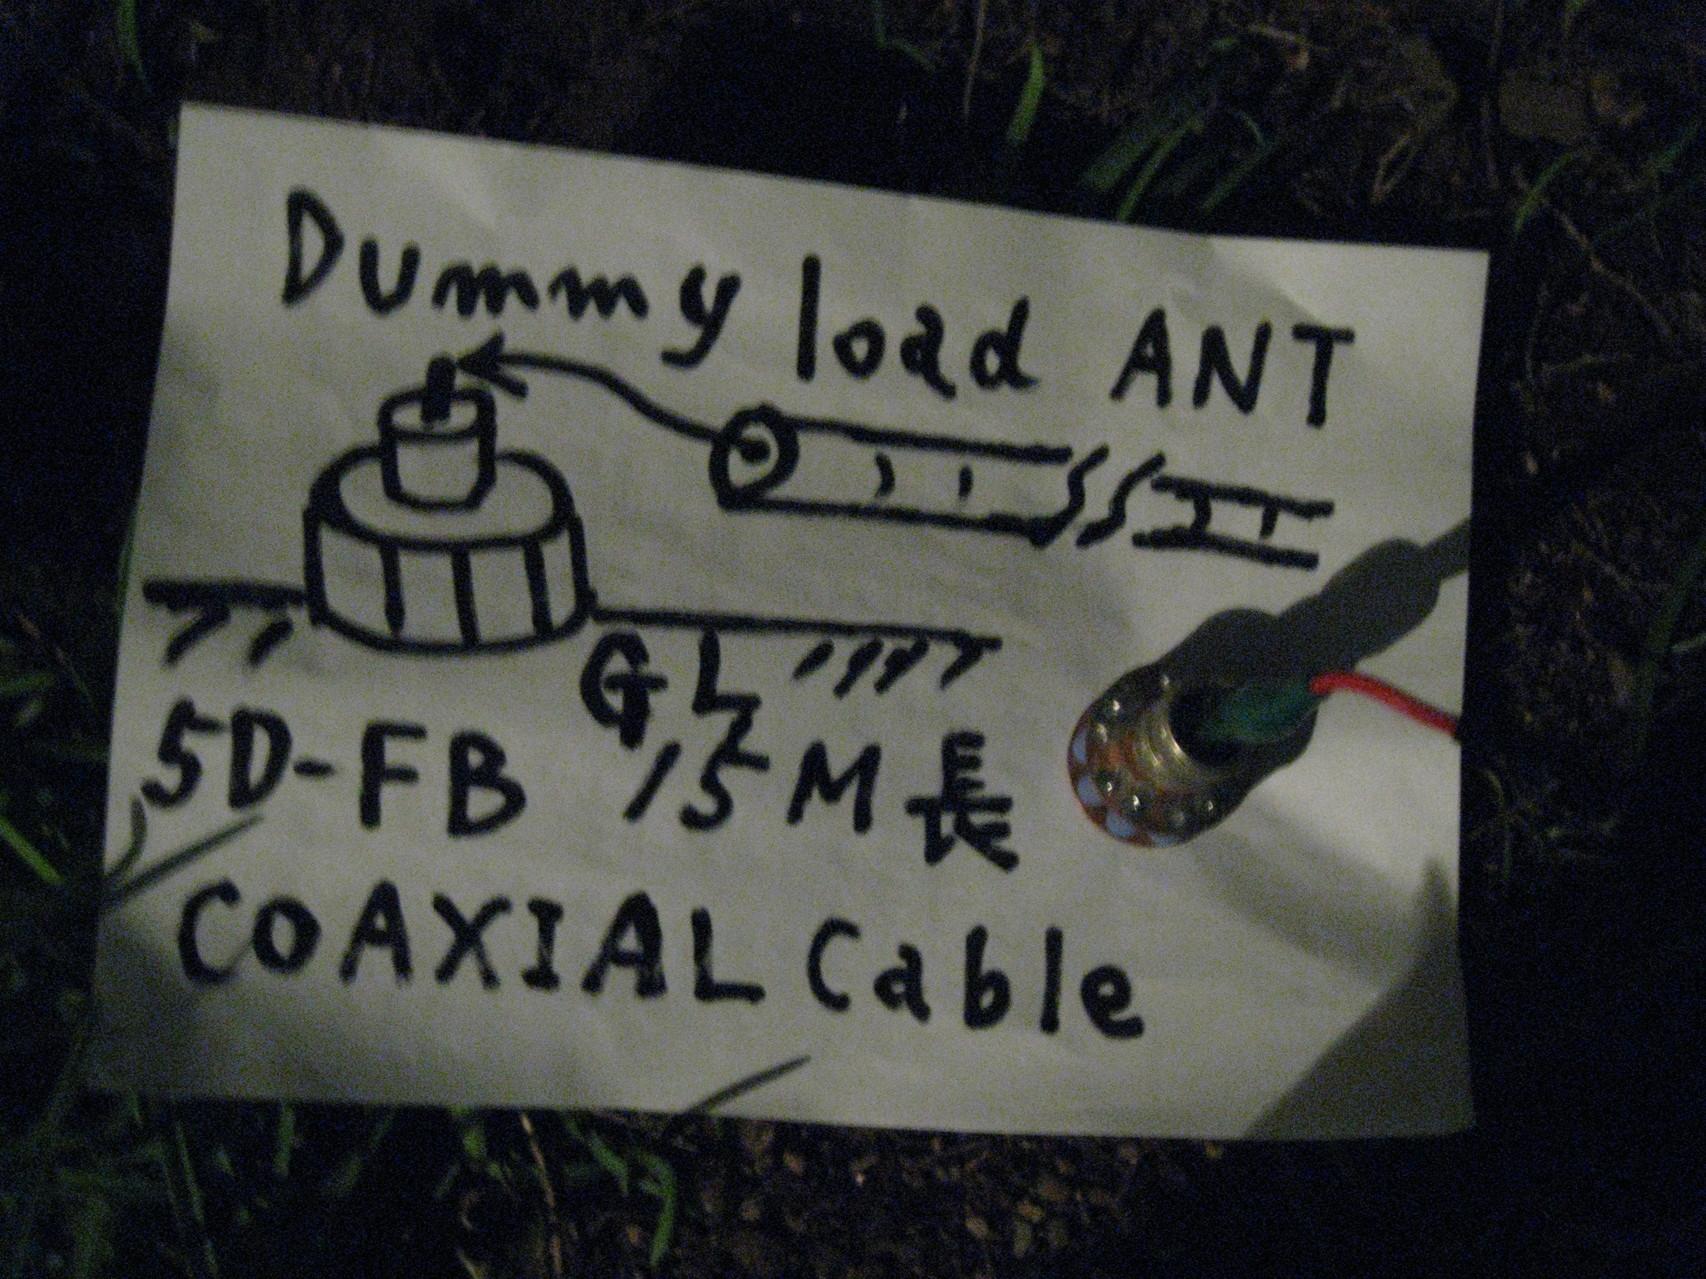 地上高ゼロメートル/地面置きDummy Load ANT